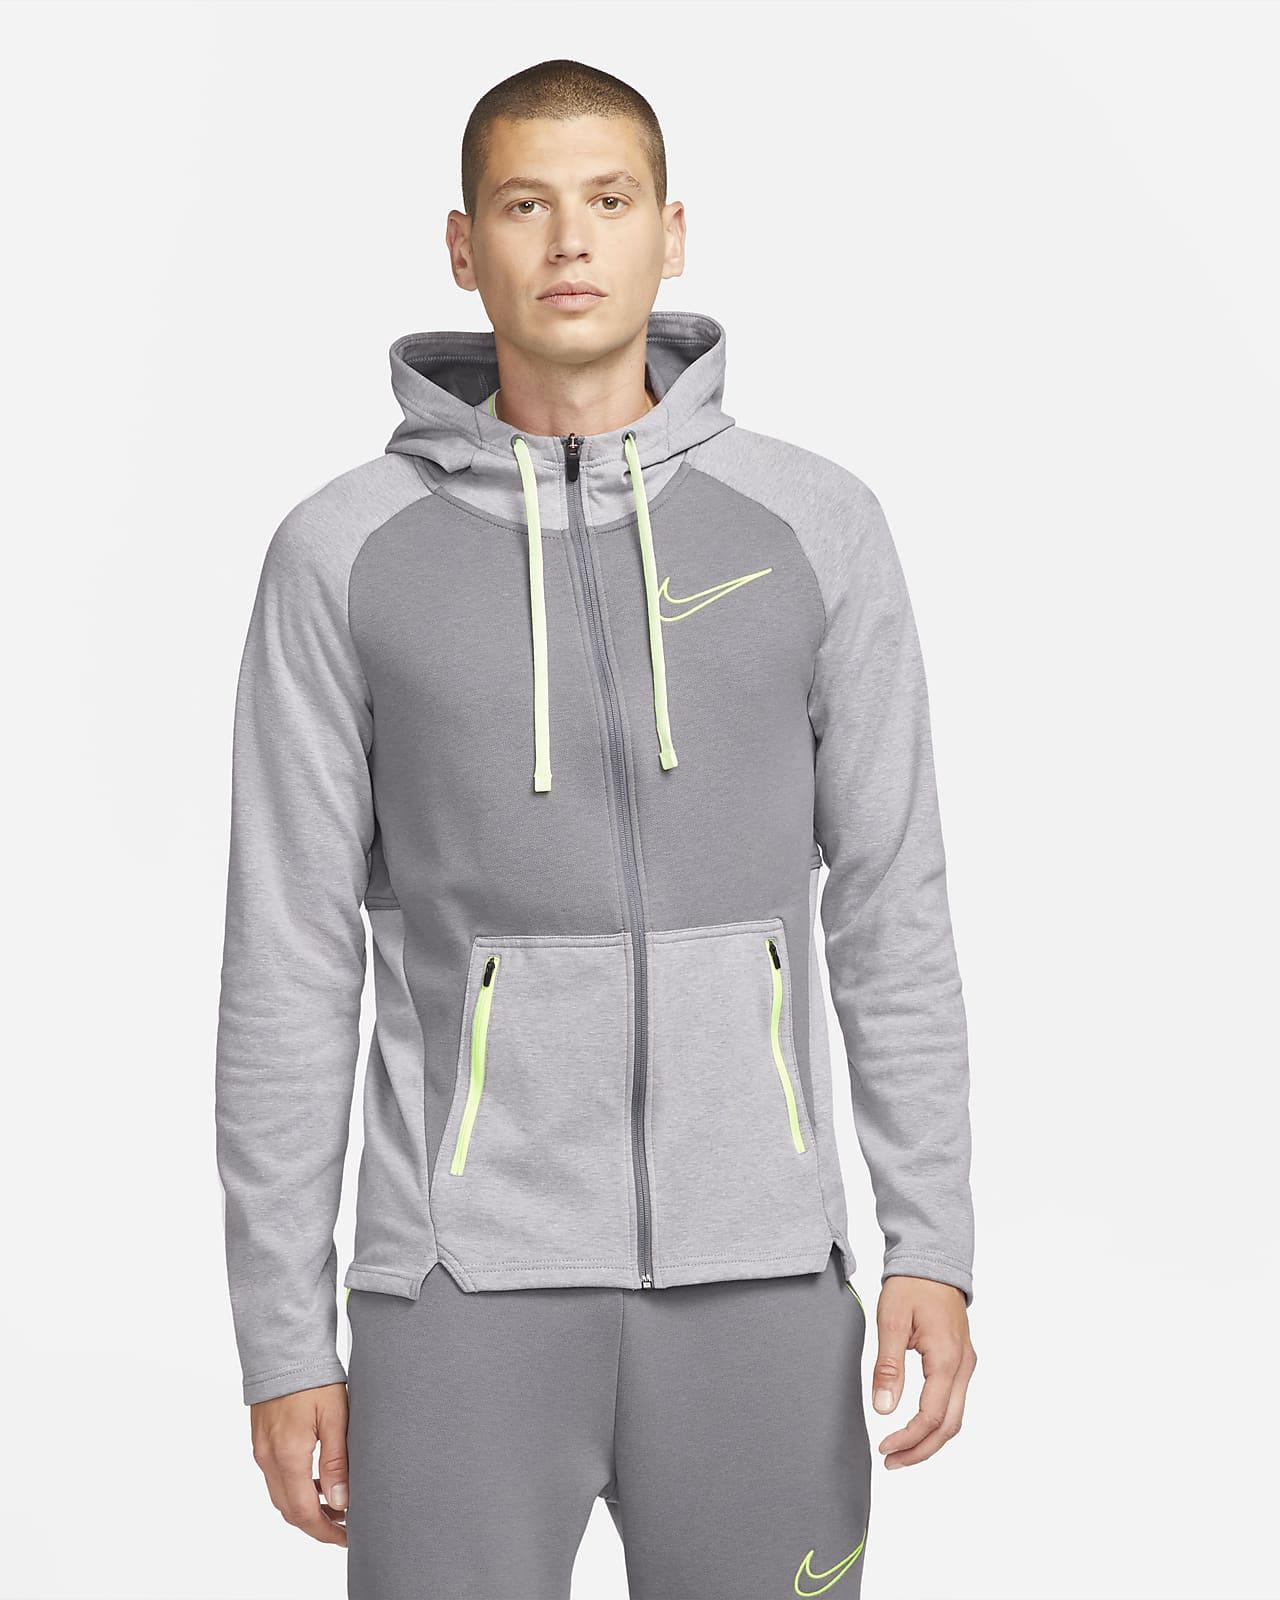 Nike Therma-FIT Trainings-Hoodie mit durchgehendem Reißverschluss für Herren